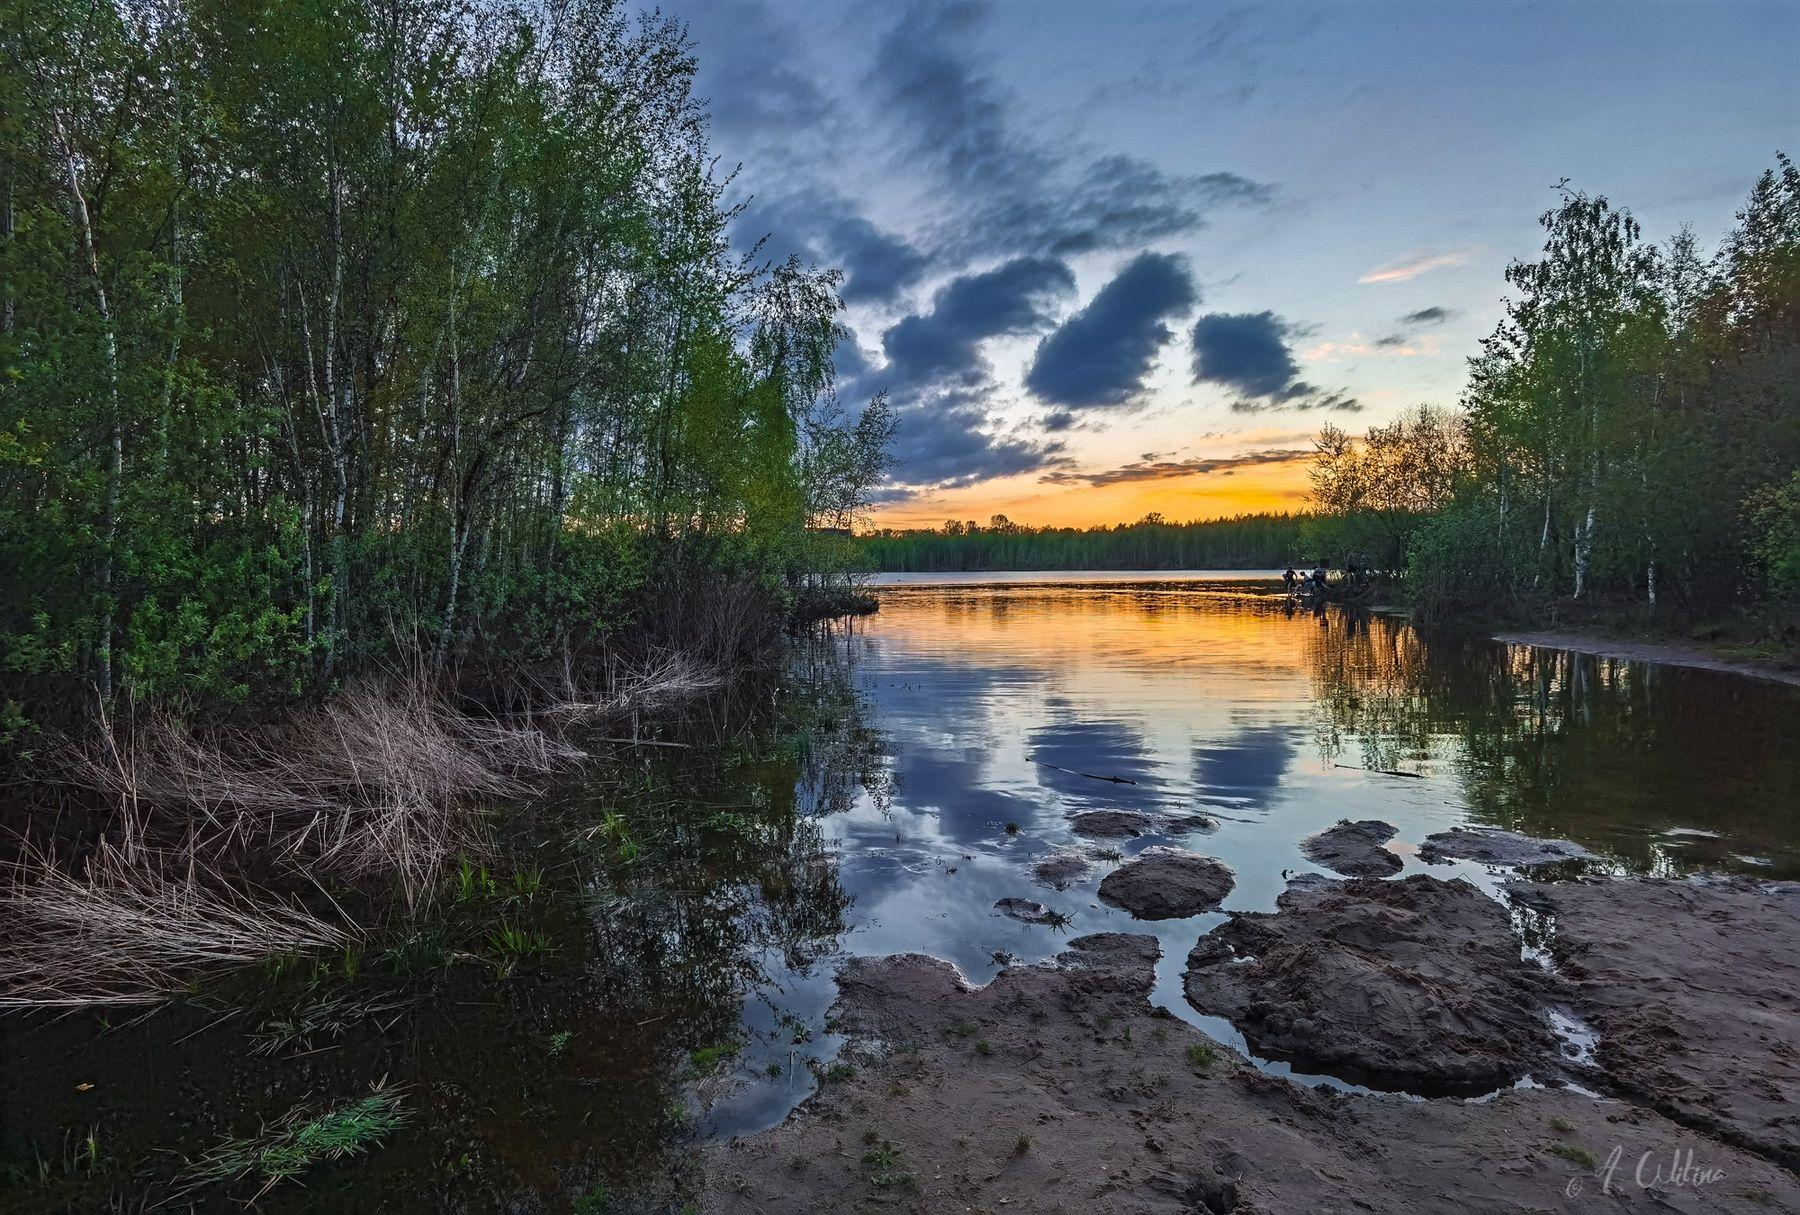 *** озеро вечер закат тучи облака берег трава березы лес